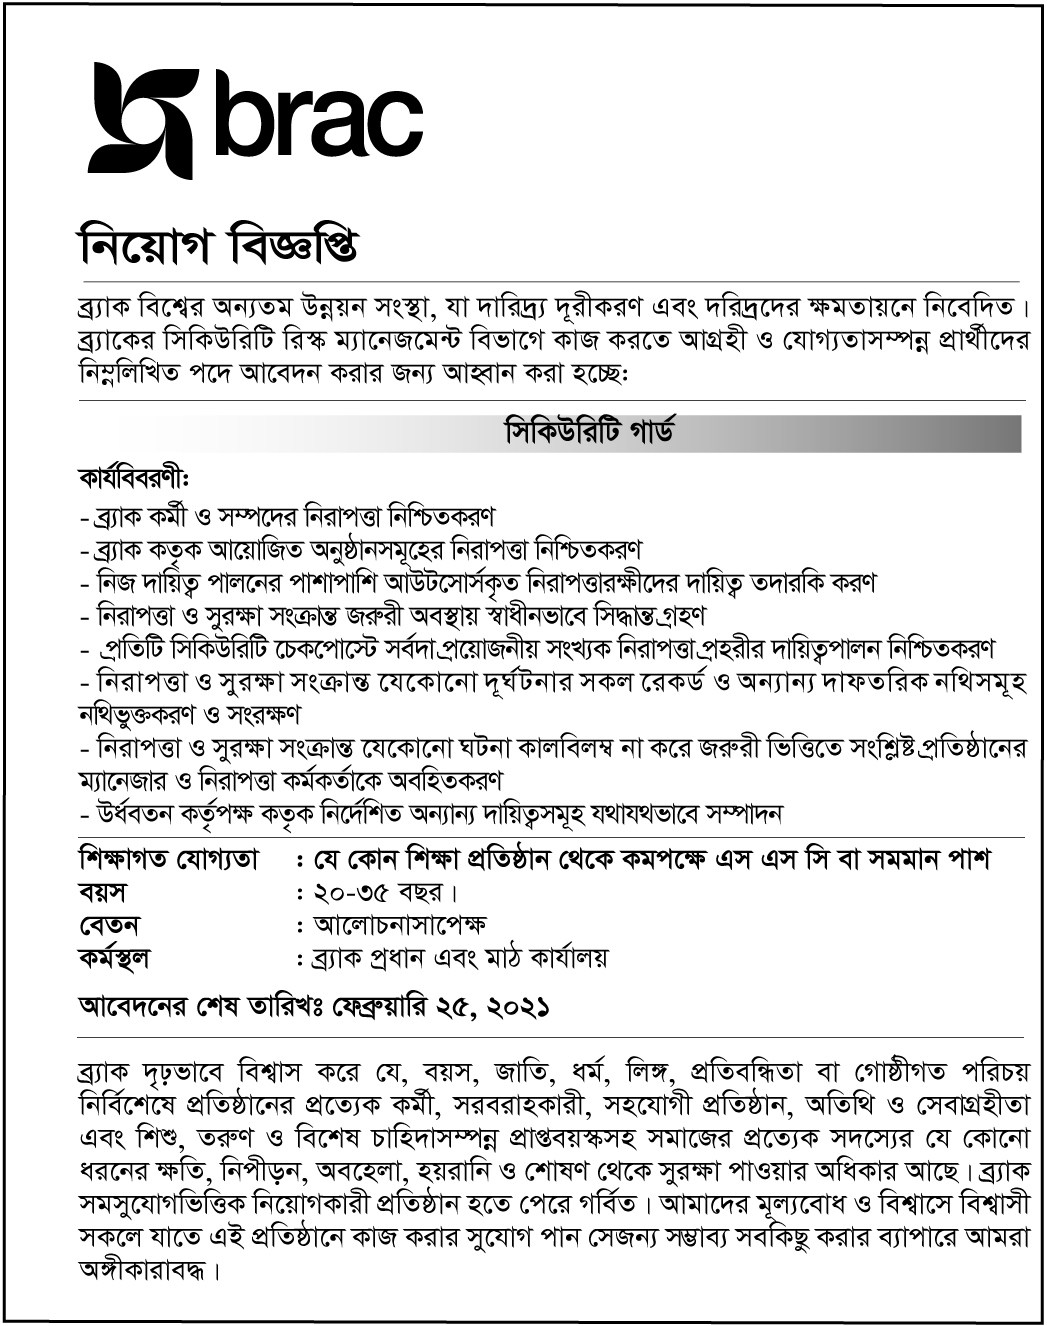 সাপ্তাহিক প্রথম আলো  চাকরির খবর-চাকরি বাকরি পত্রিaকা ১৯ ফেব্রুয়ারি ২০২১ - Saptahik Prothom Alo Chakrir chakrir khobor-chakri bakri 19 February 2021